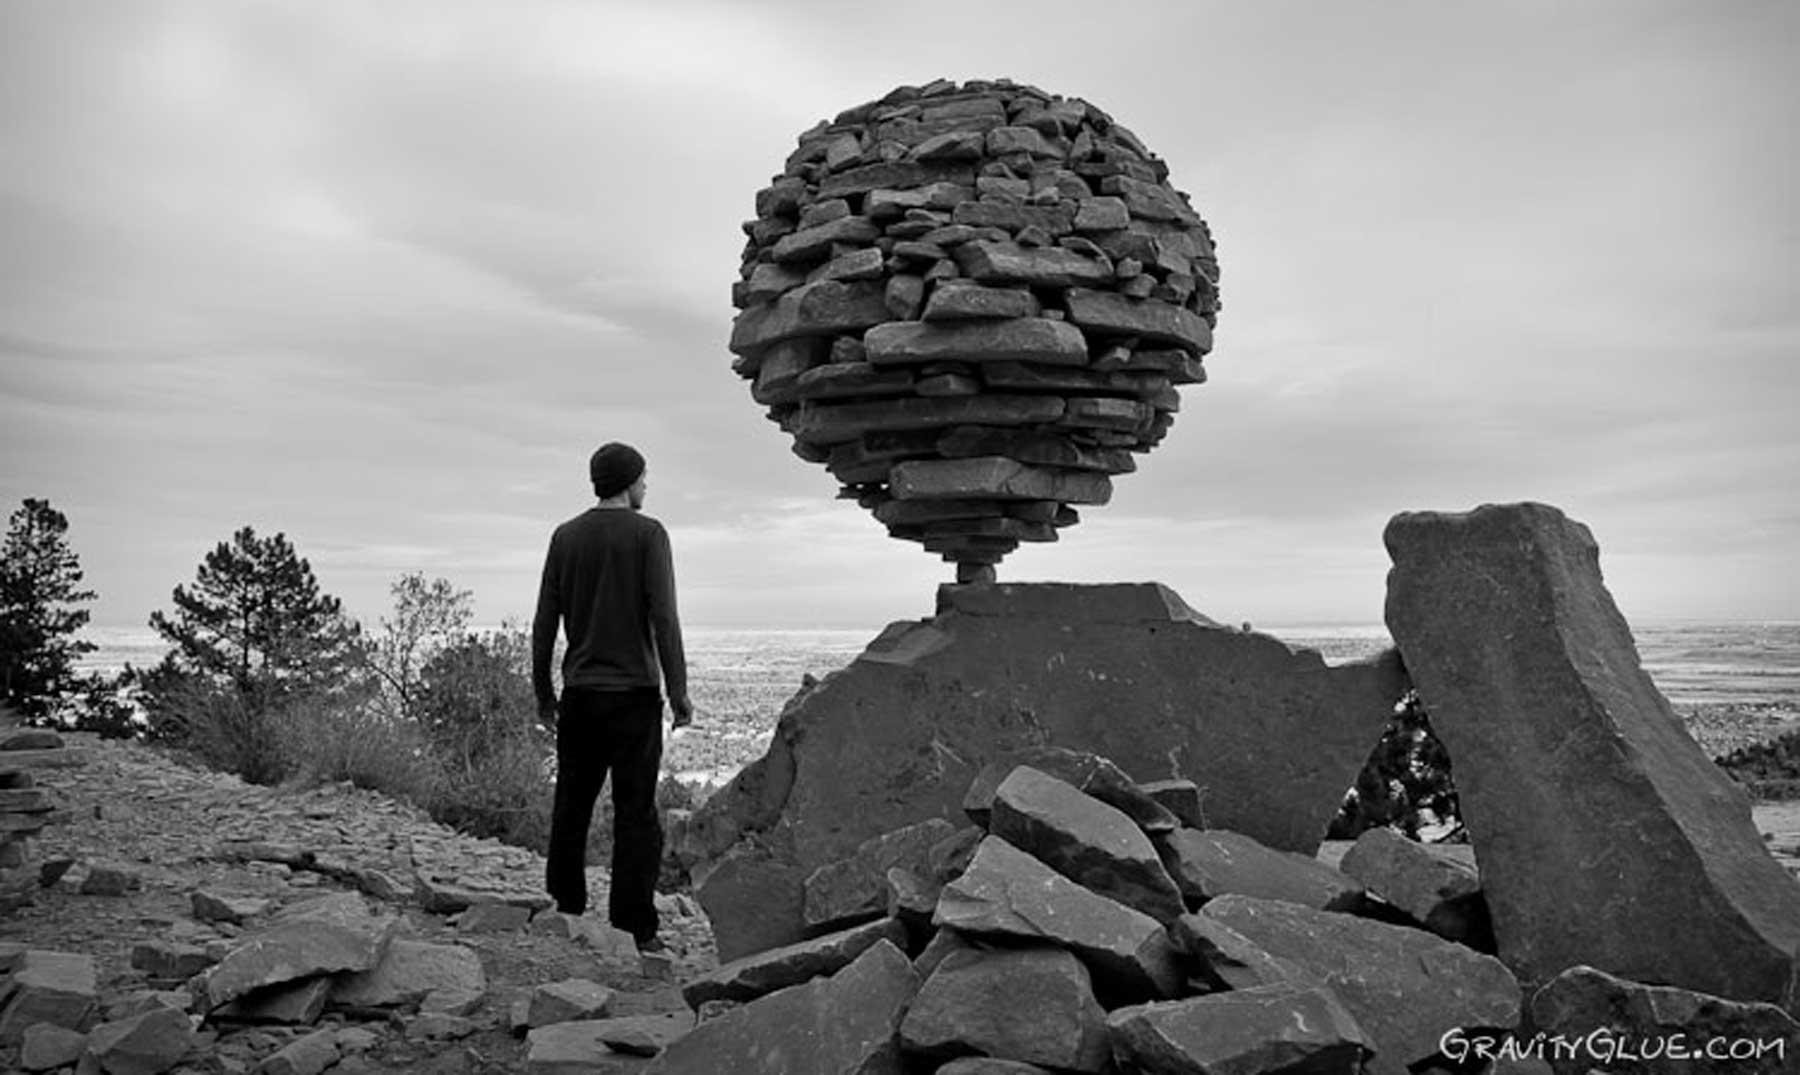 Equilibro imposible, el arte de Michael Grab